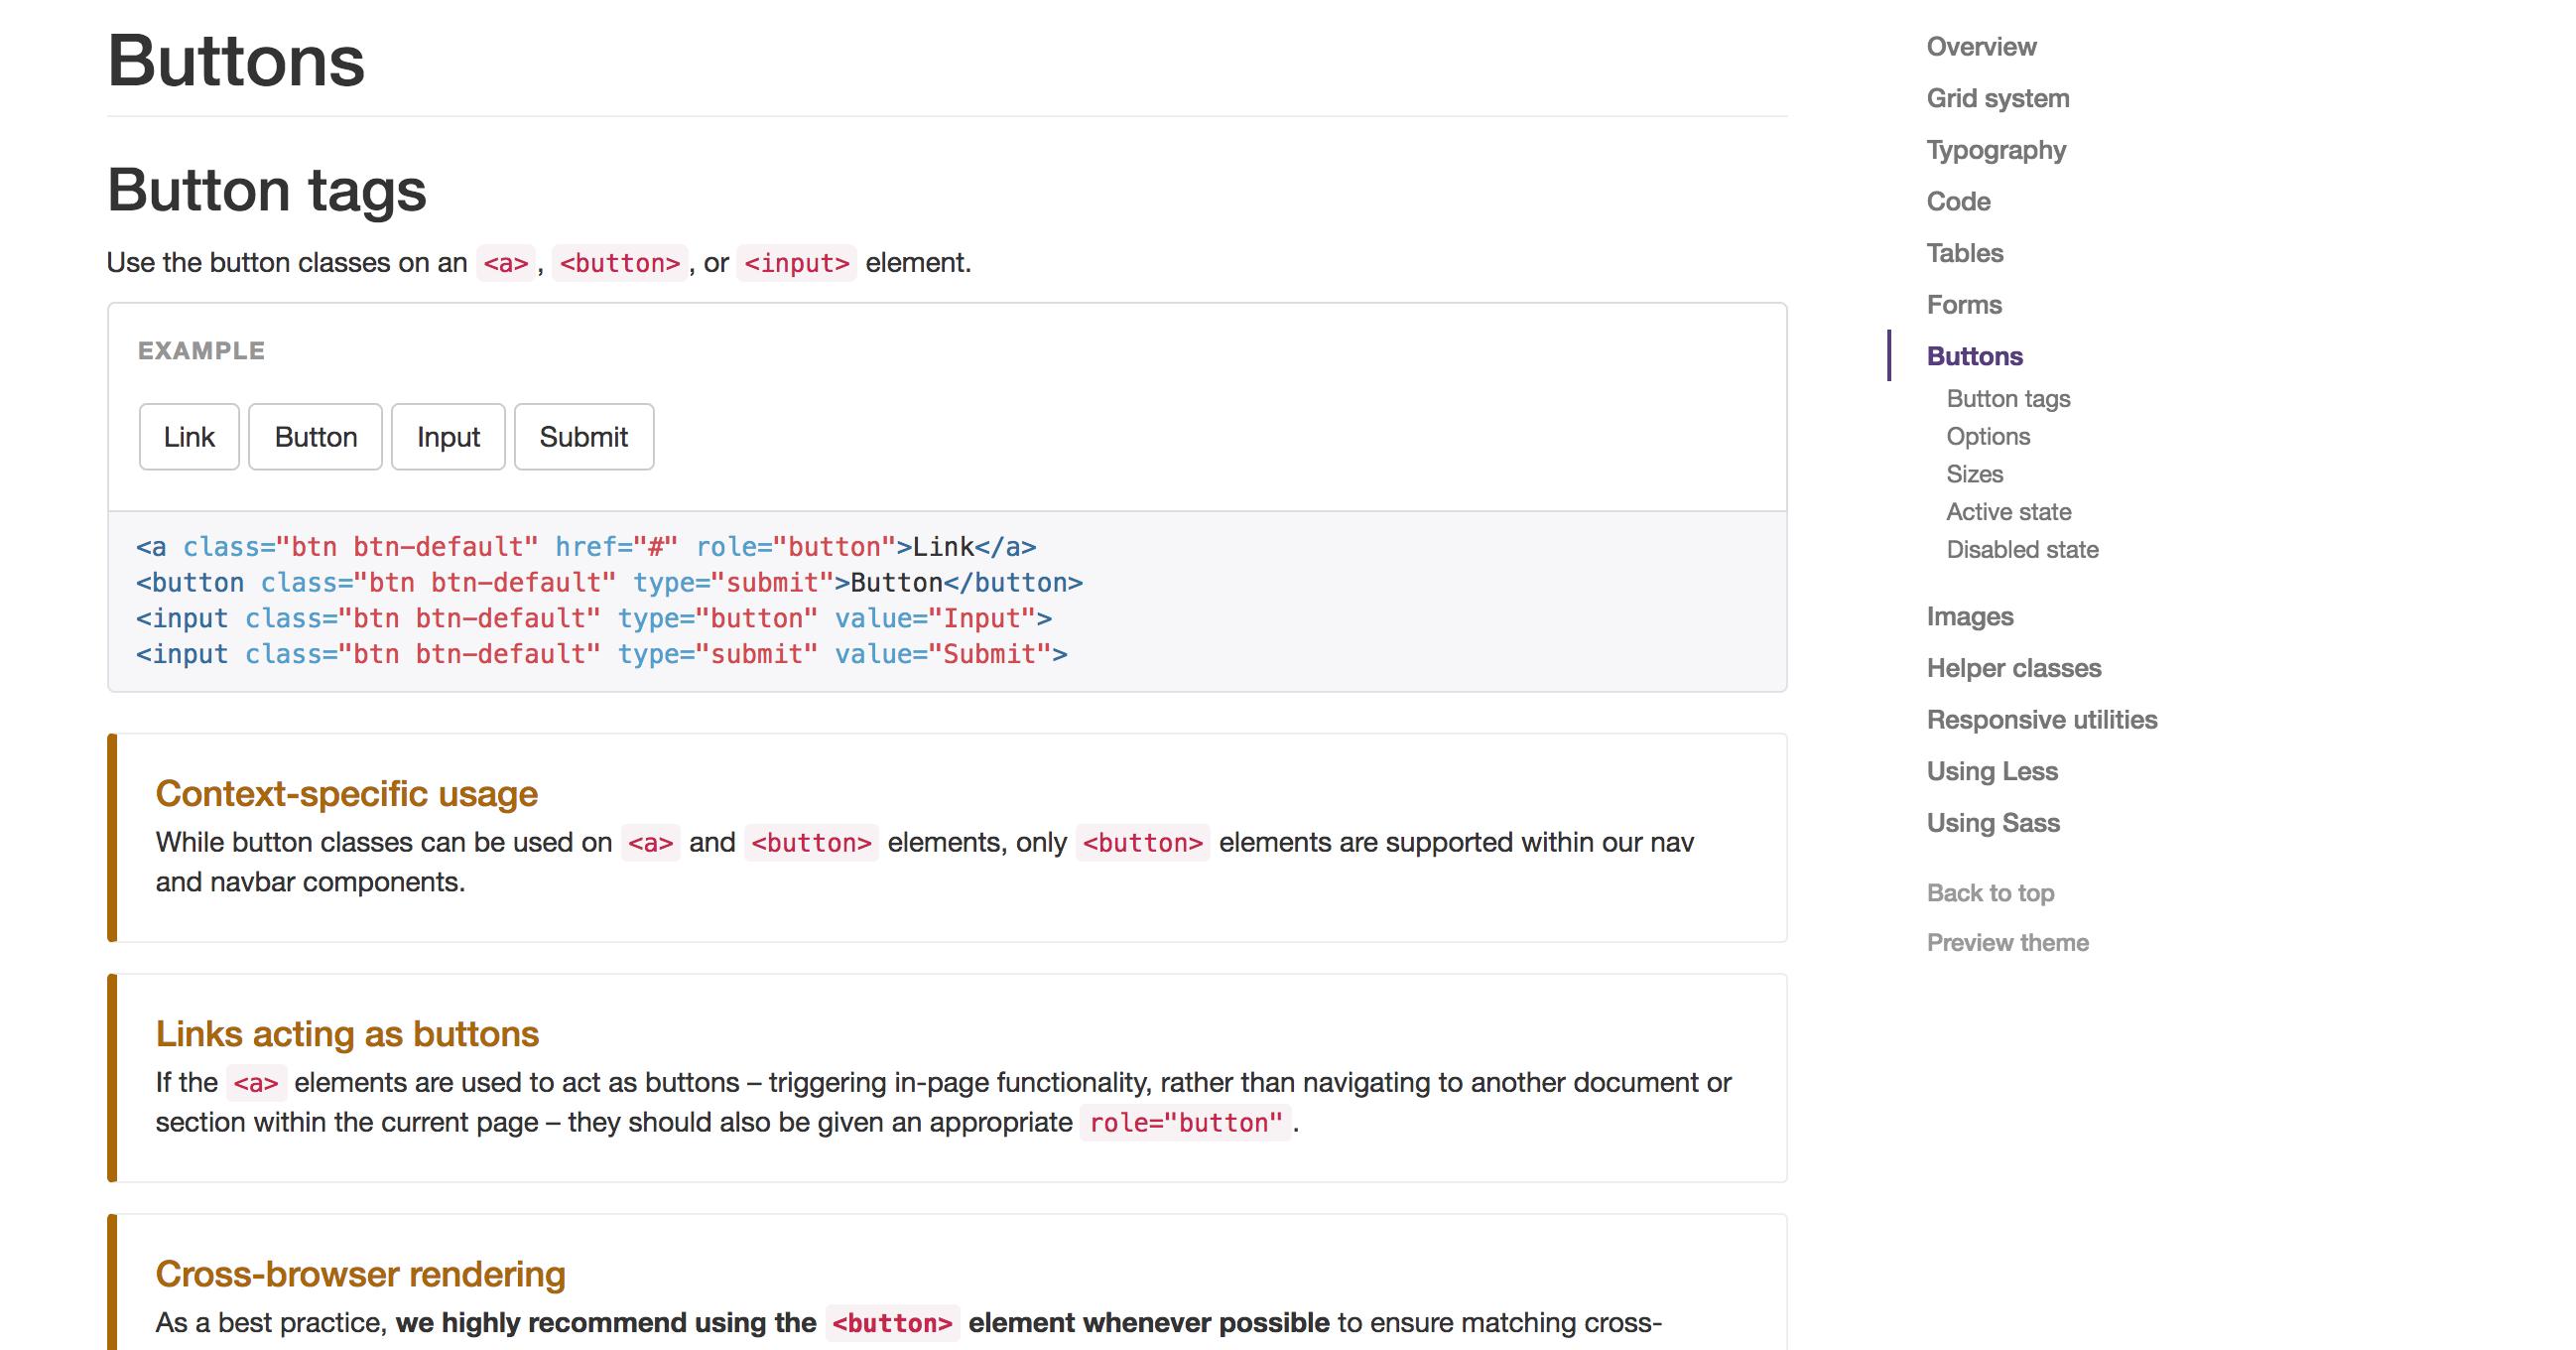 7416883c8a8327217121fa0047a71e40 - WordPress初心者にオススメ。Bootstrapで楽々CSSが書けるので使い方を簡単に解説